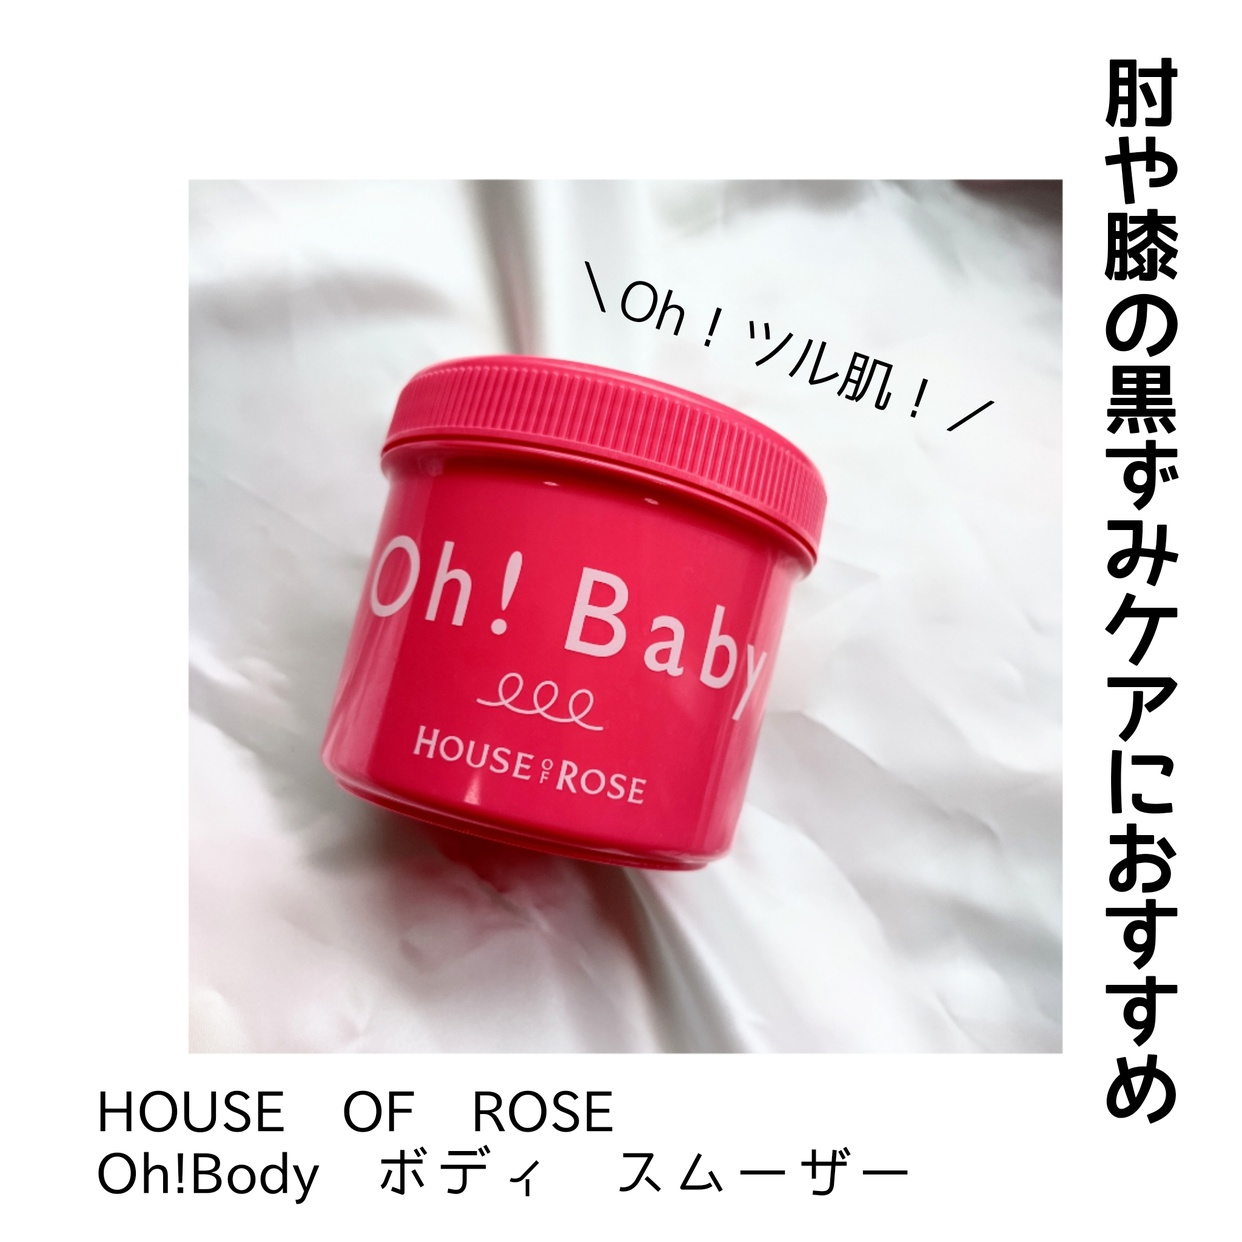 HOUSE OF ROSE(ハウスオブローゼ) オーベイビー ボディ スムーザーの良い点・メリットに関する山﨑 りささんの口コミ画像1